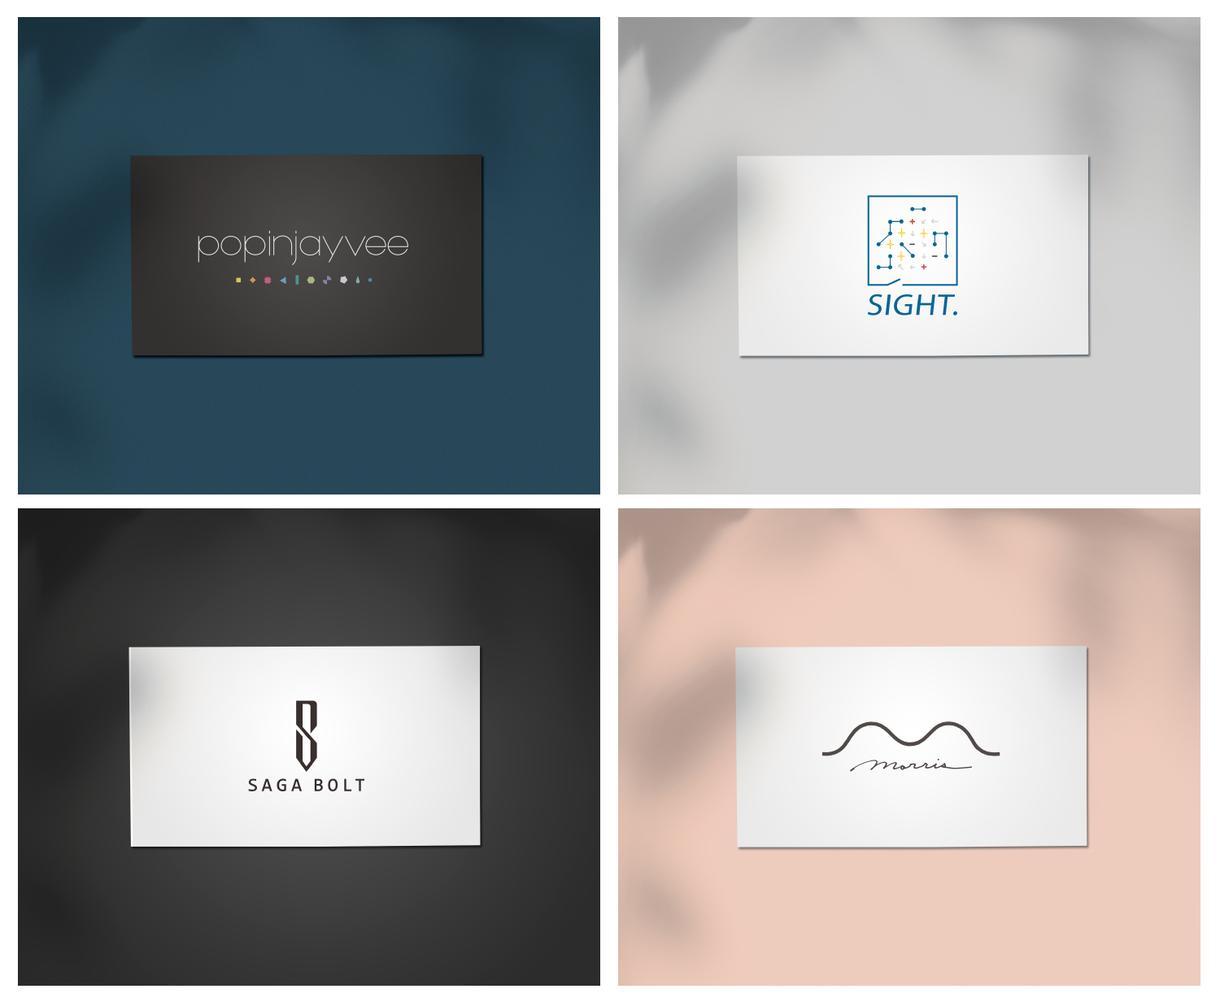 低価格で想いを汲んだロゴ、おつくりします コンセプトを大切にした高品質なロゴをご提案します!